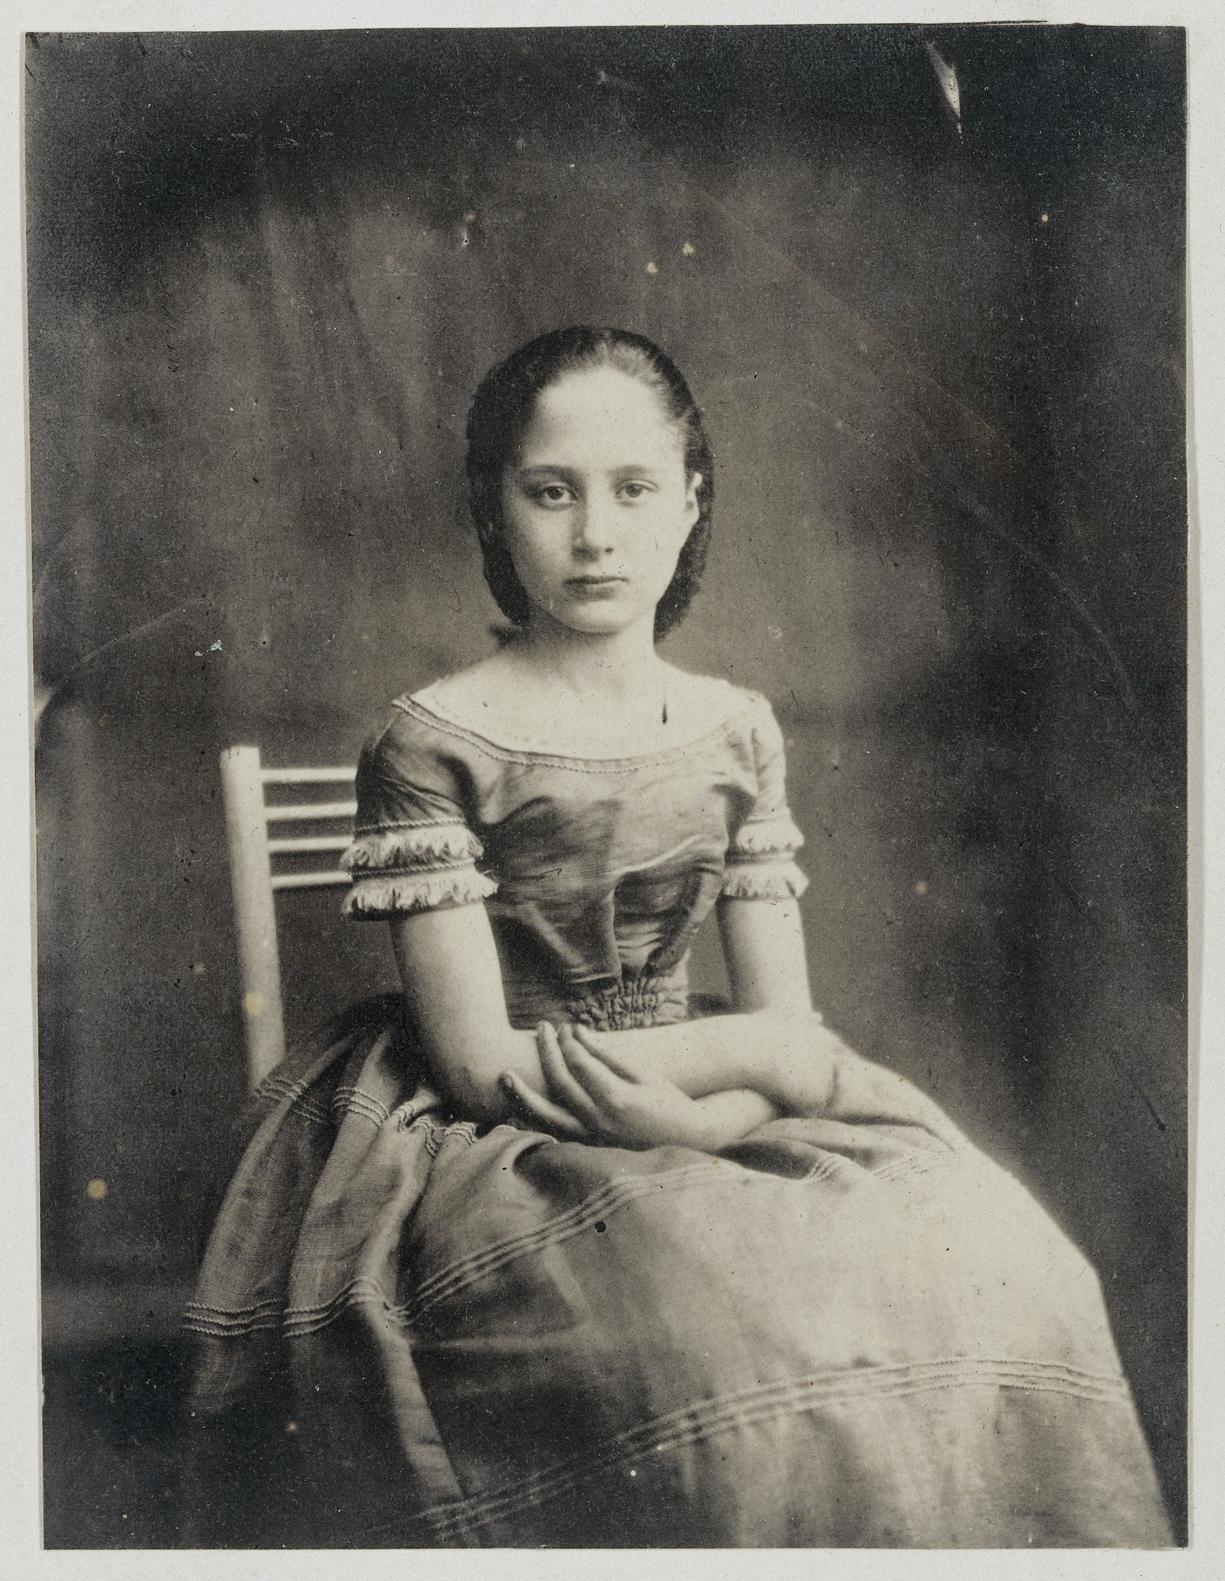 Πορτρέτο ένος άγνωστου κοριτσιού, τραβηγμένο στην Ολλανδία, γύρω στο 1855